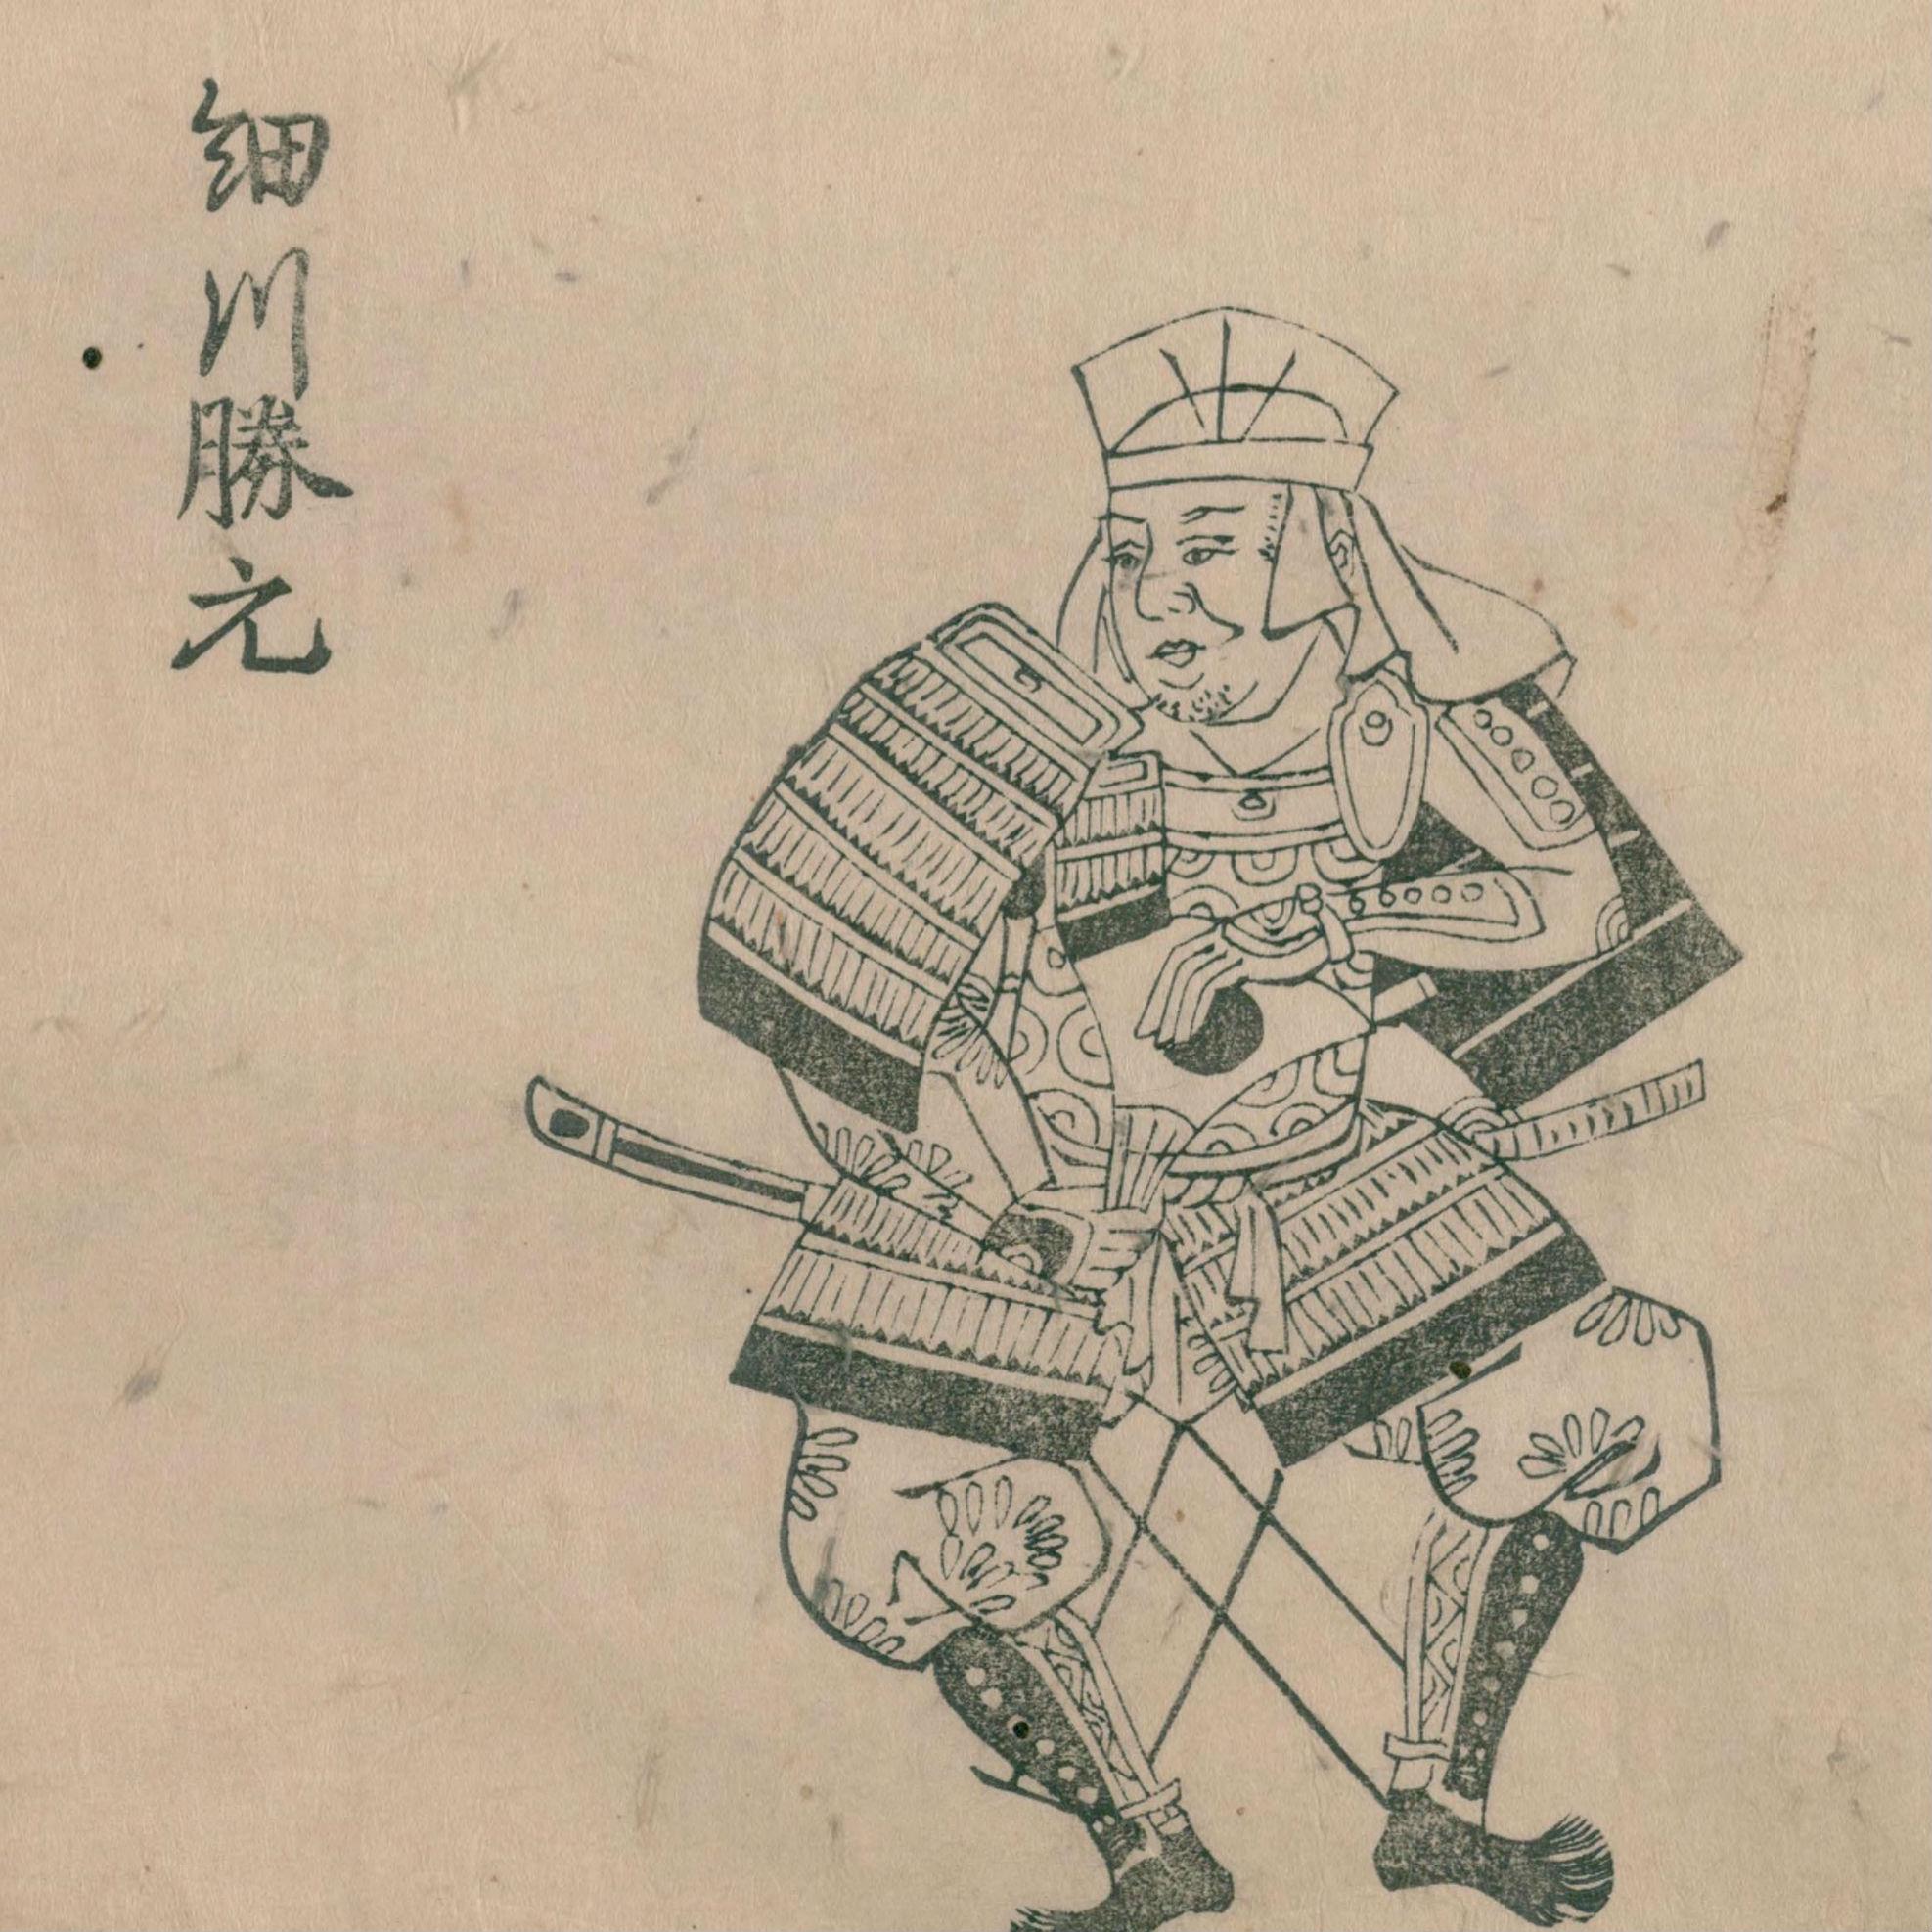 大軍を都に集結させ反撃の準備を進める細川勝元